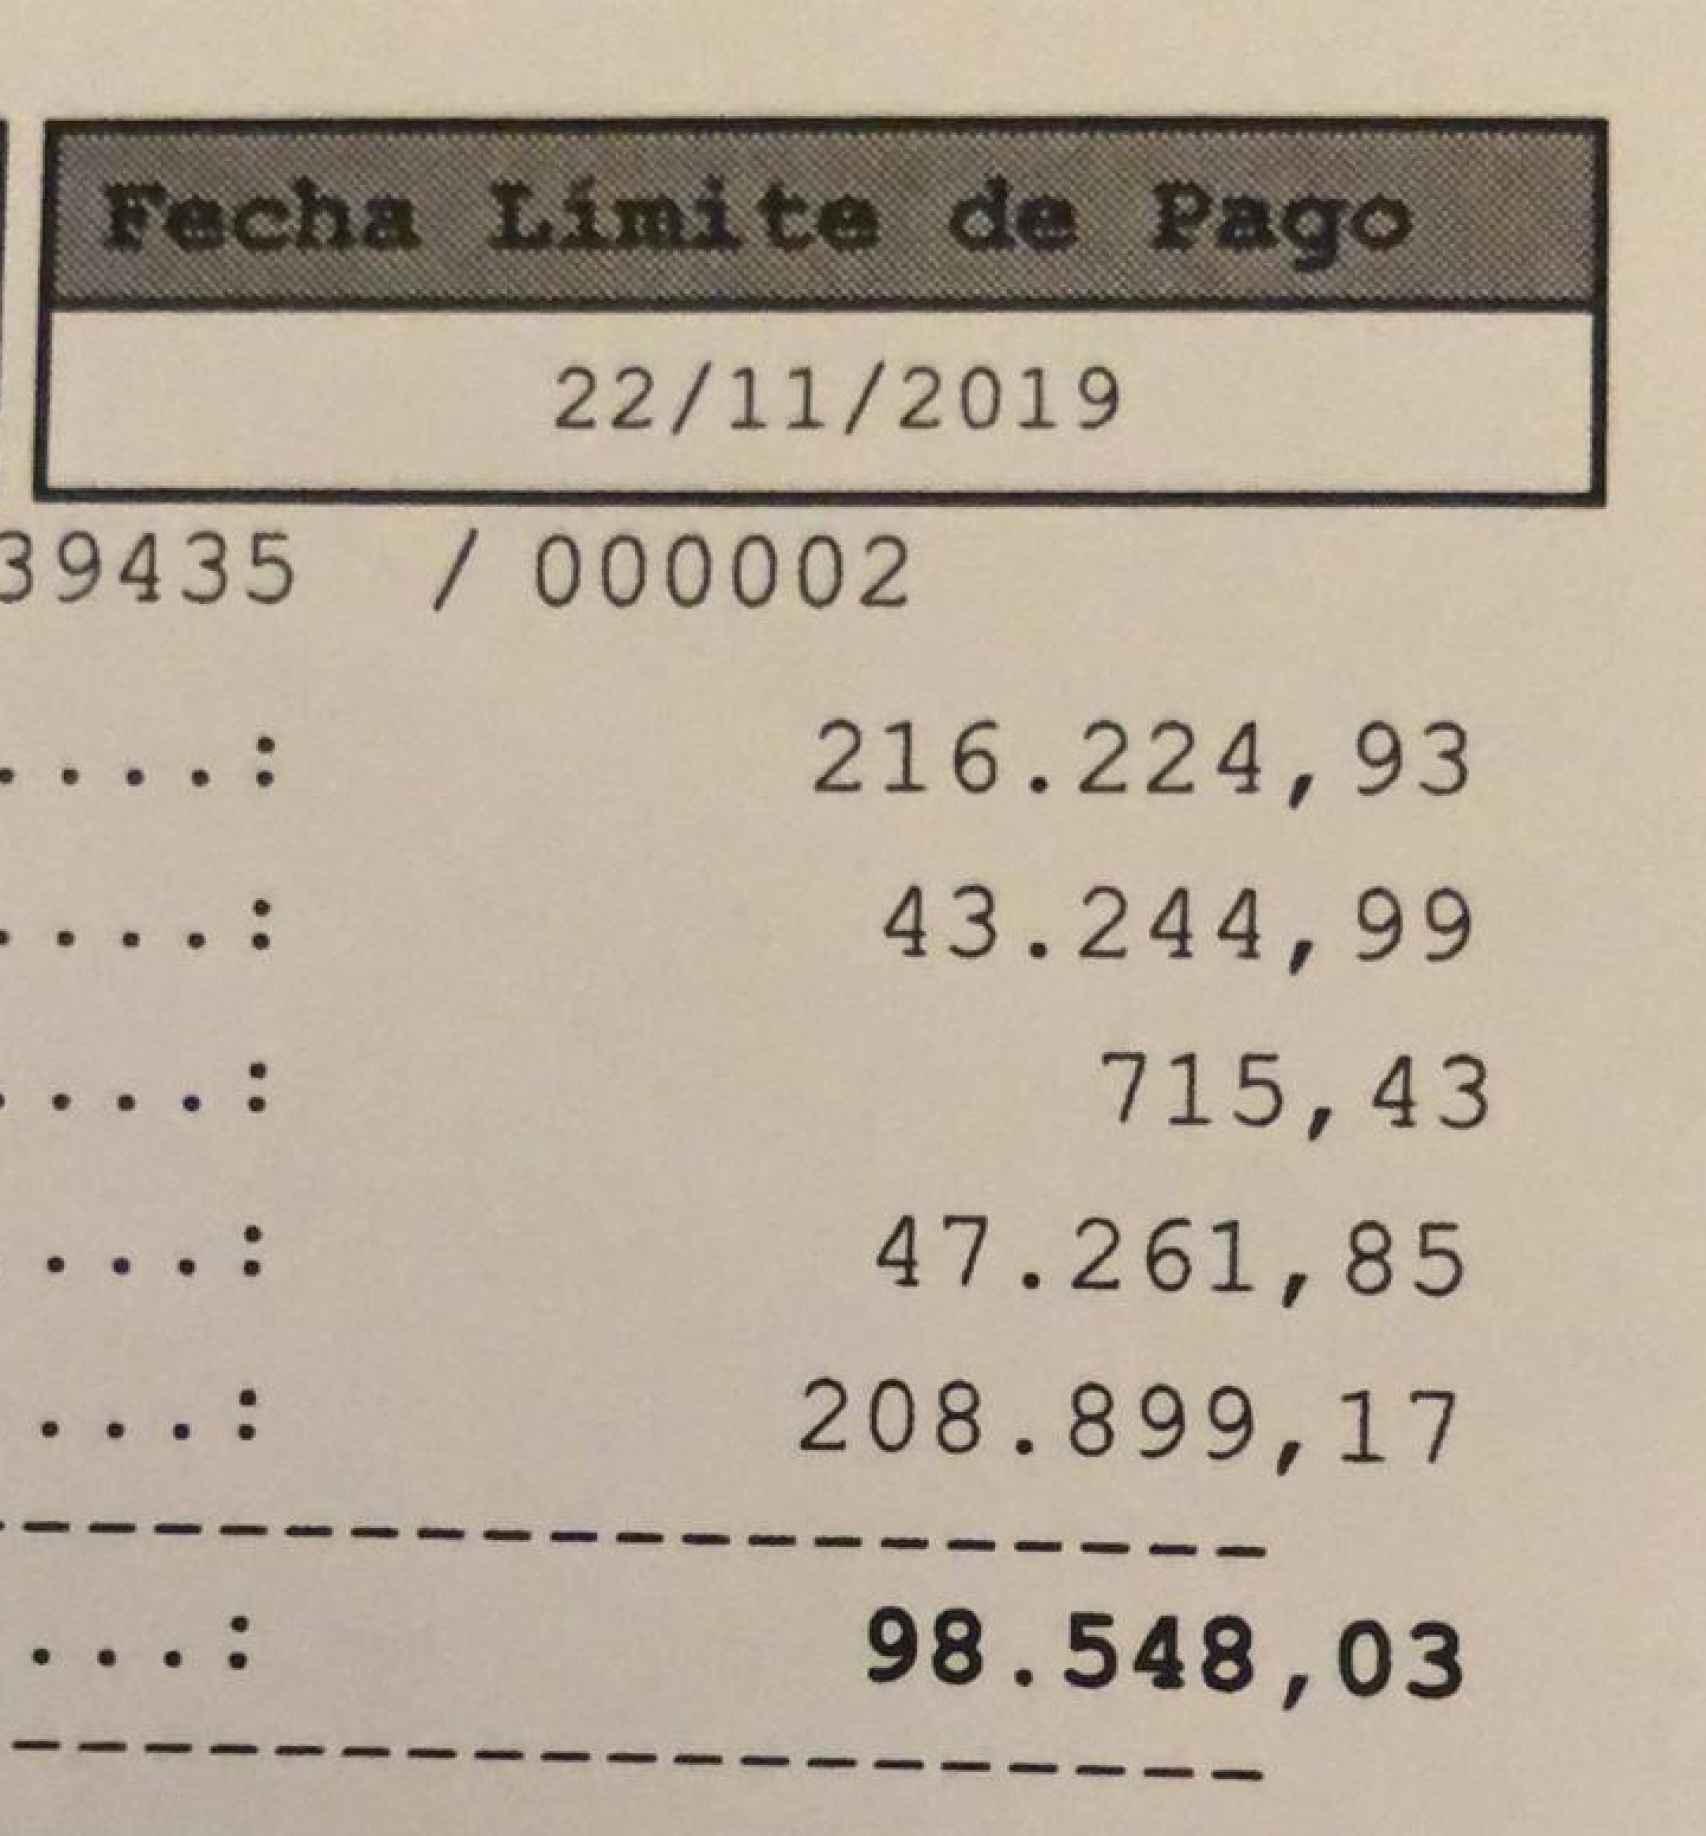 El pago del interés por la deuda del impuesto de sucesiones, a finales de 2019.